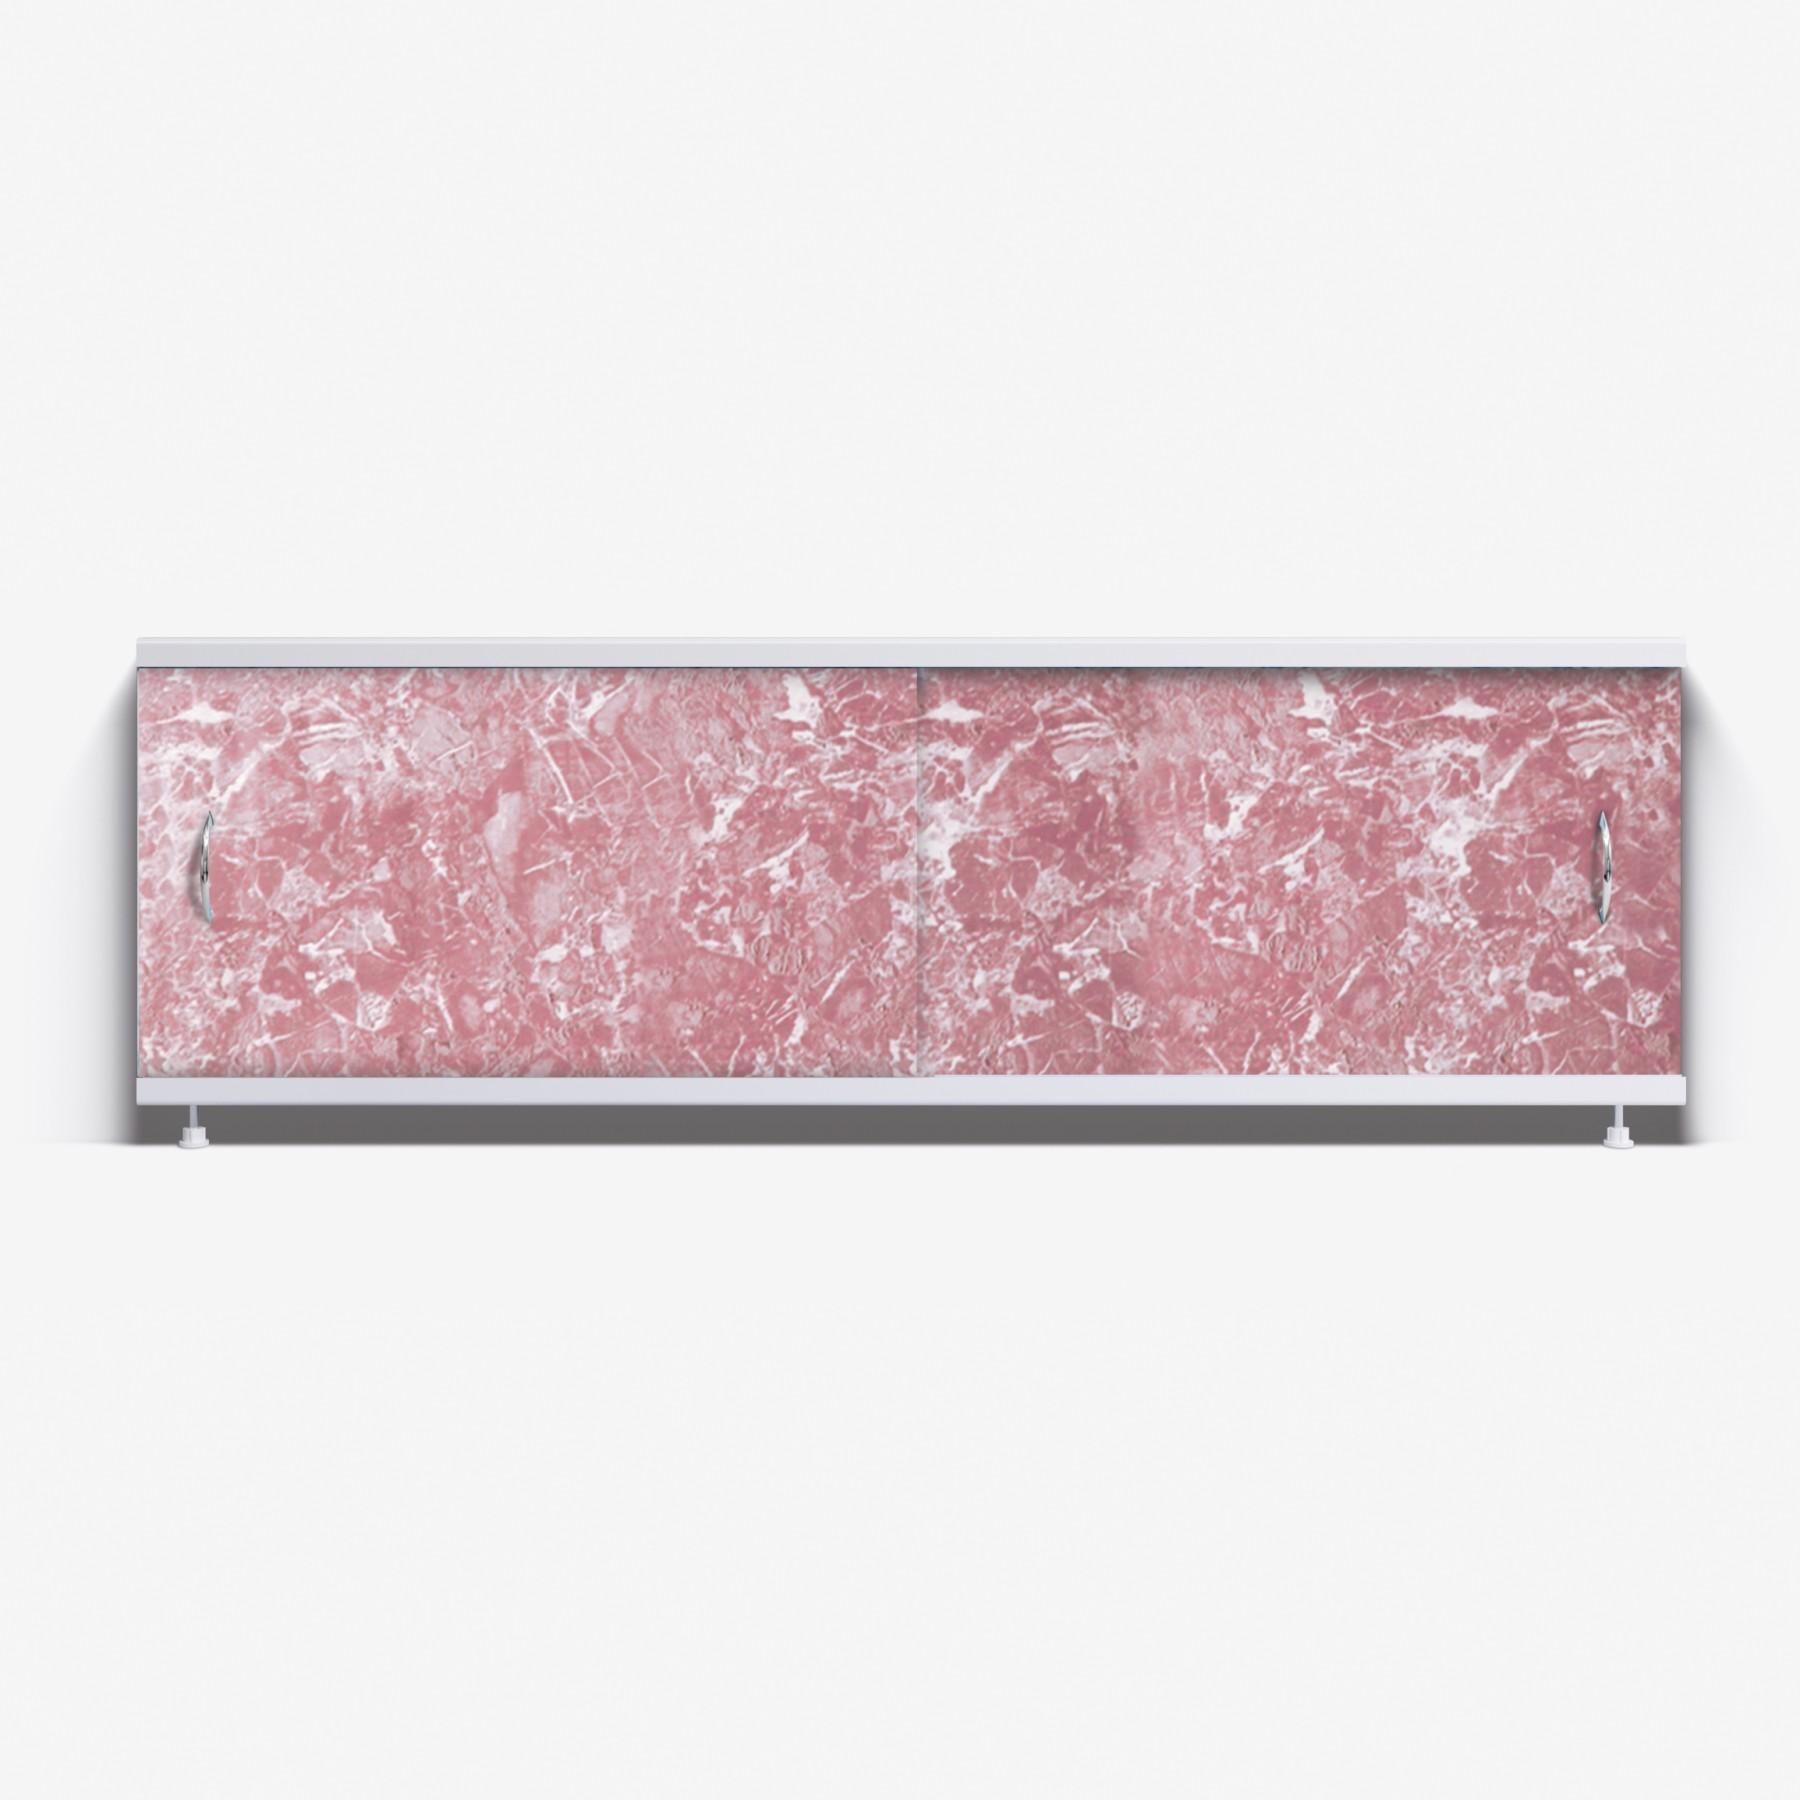 Экран под ванну Классик 170 темно-коричневый мрамор